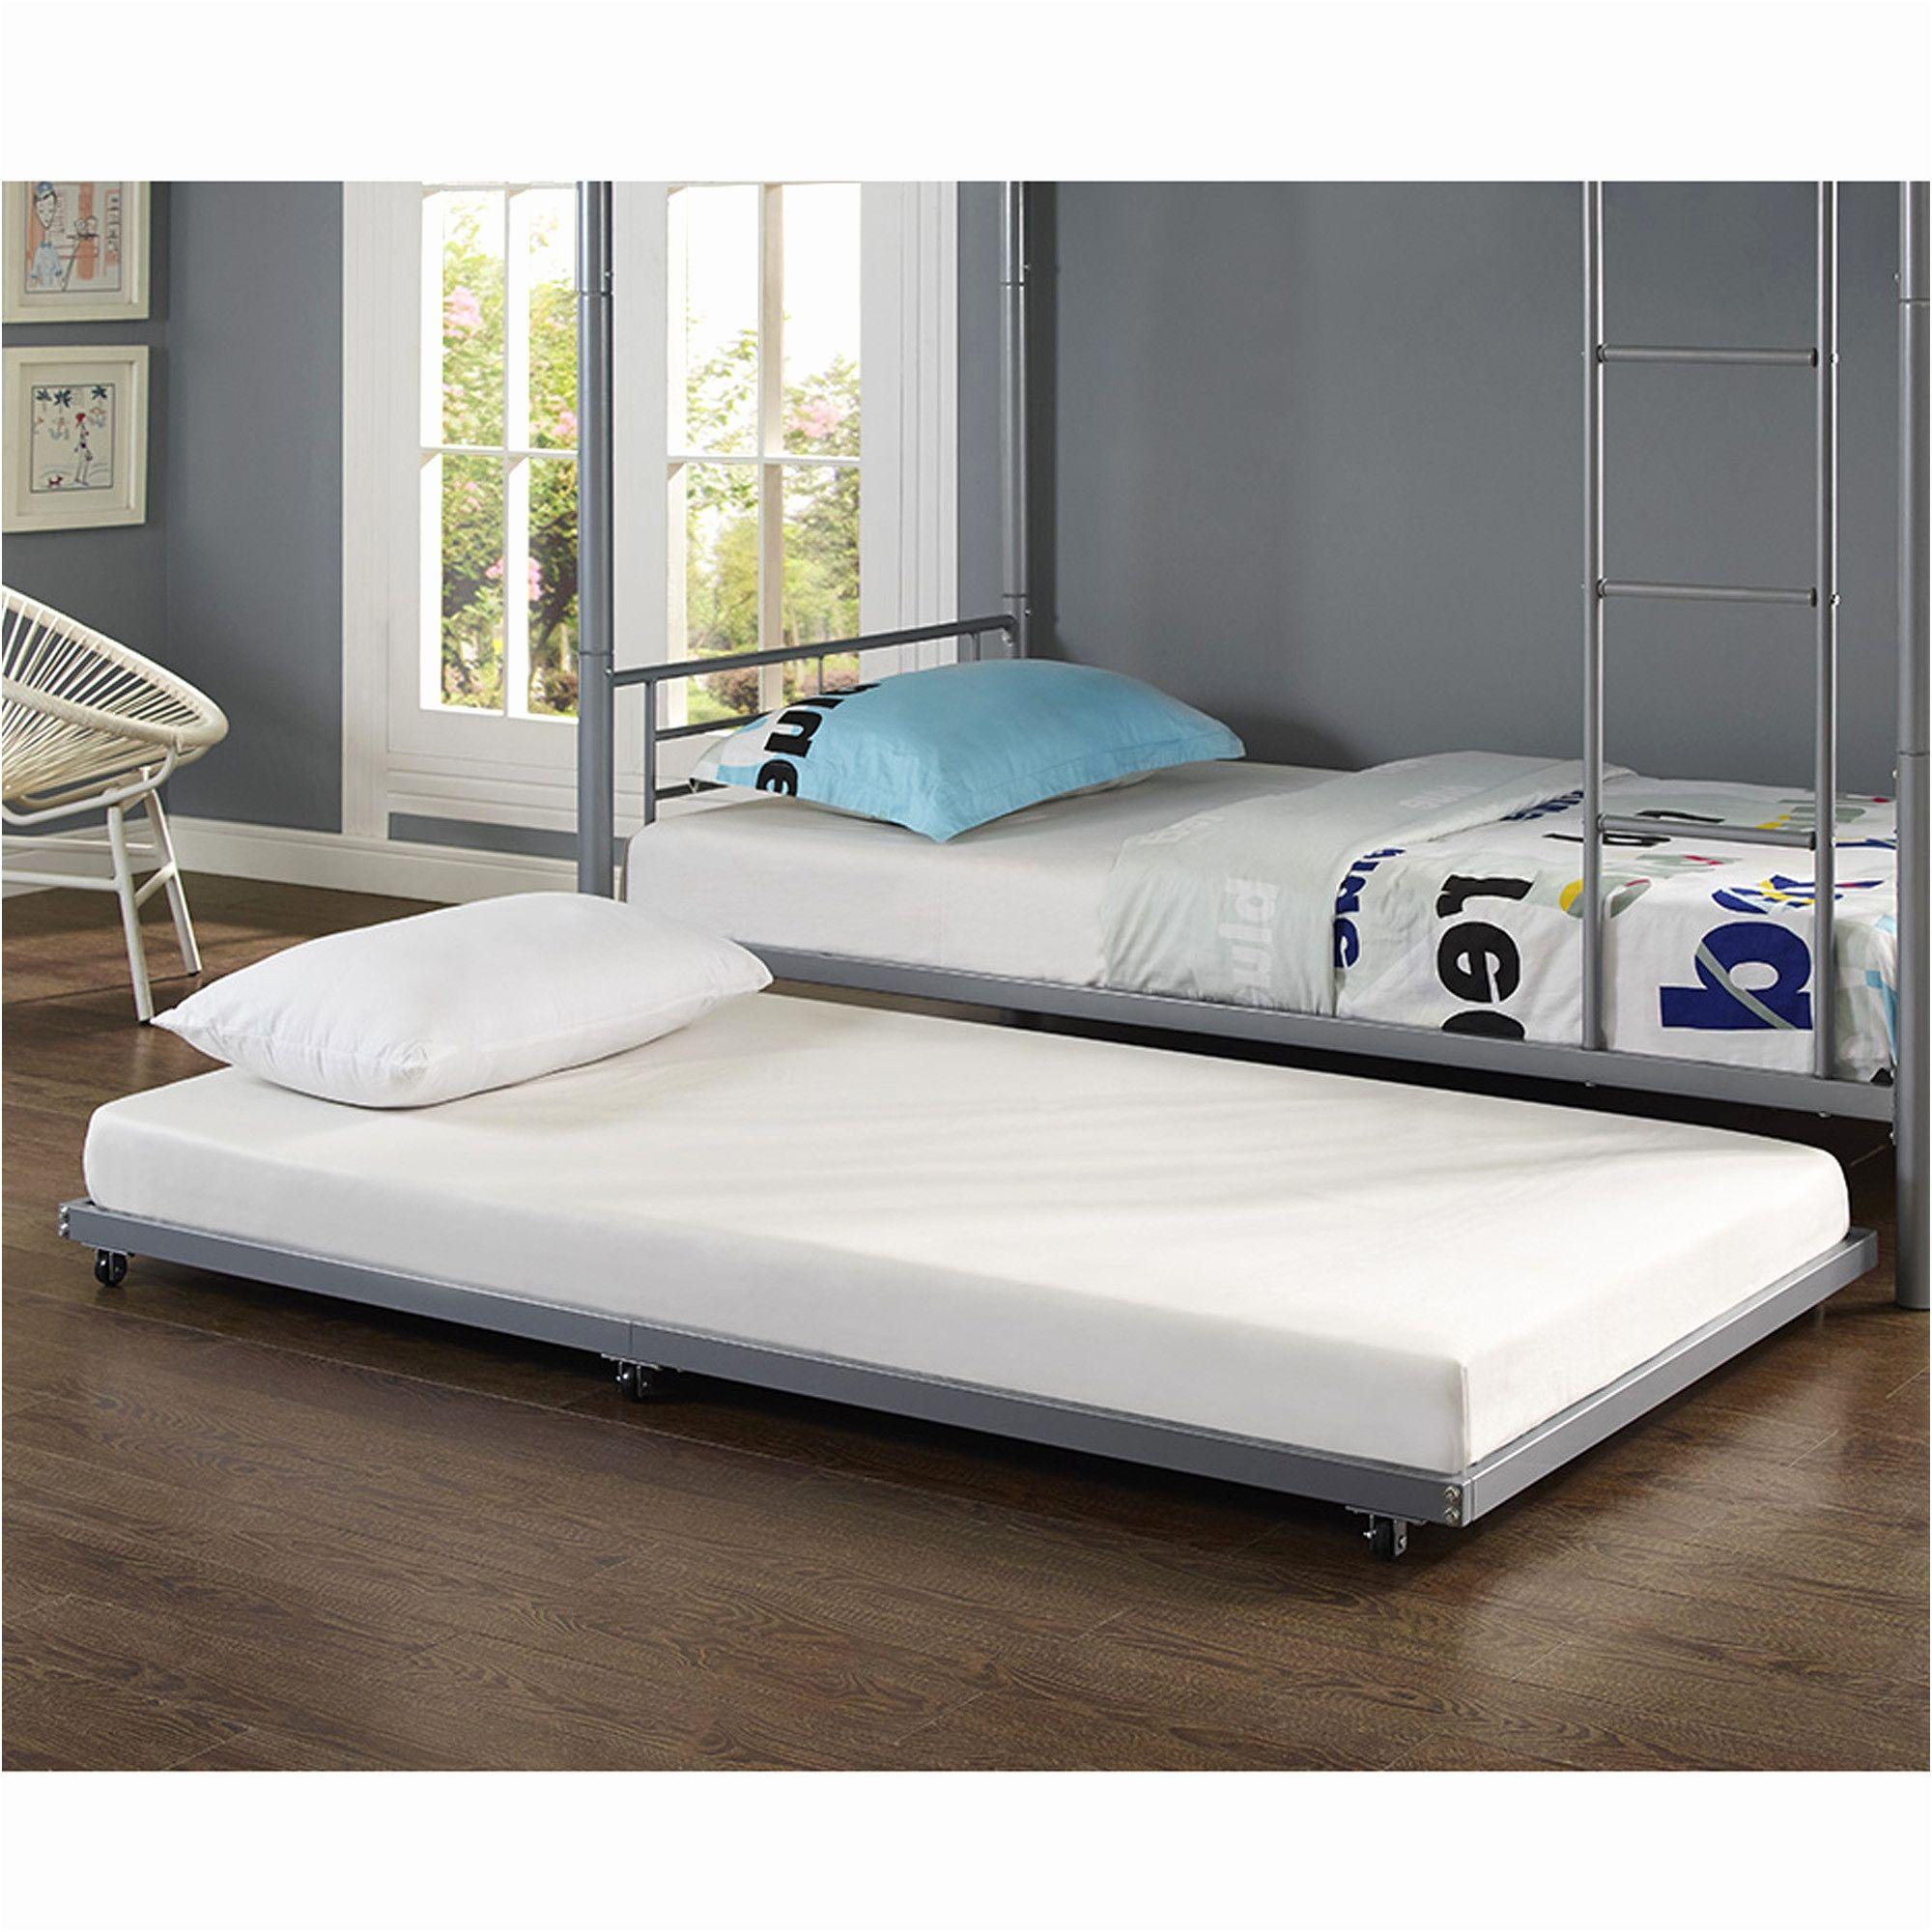 Wo Kaufen Sie Tempurpedic Matratze Flat Base Bett Beste Angebot